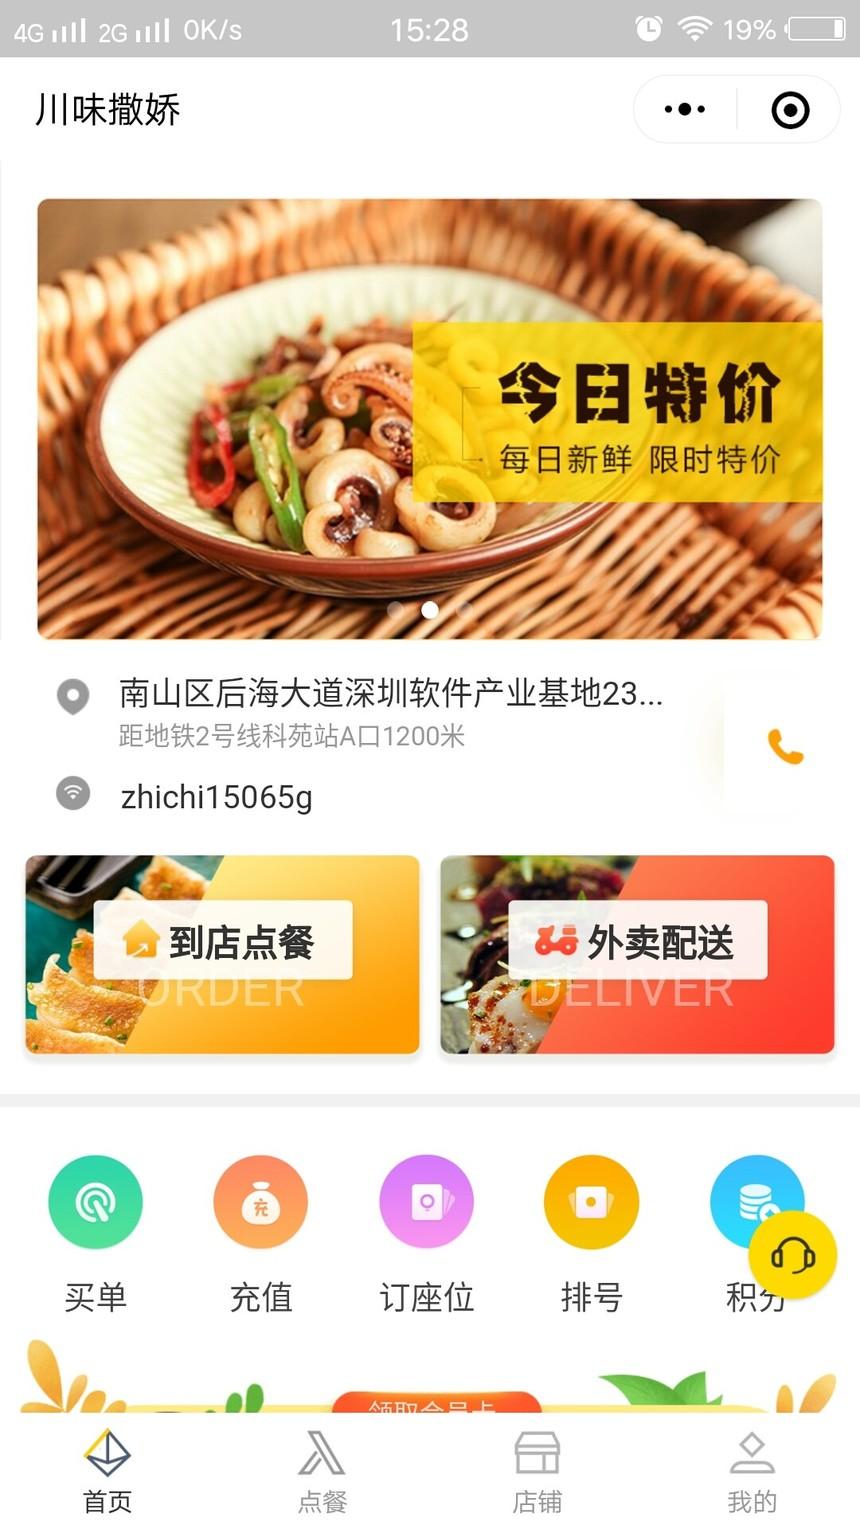 餐饮小程序_资阳网络推广.jpg